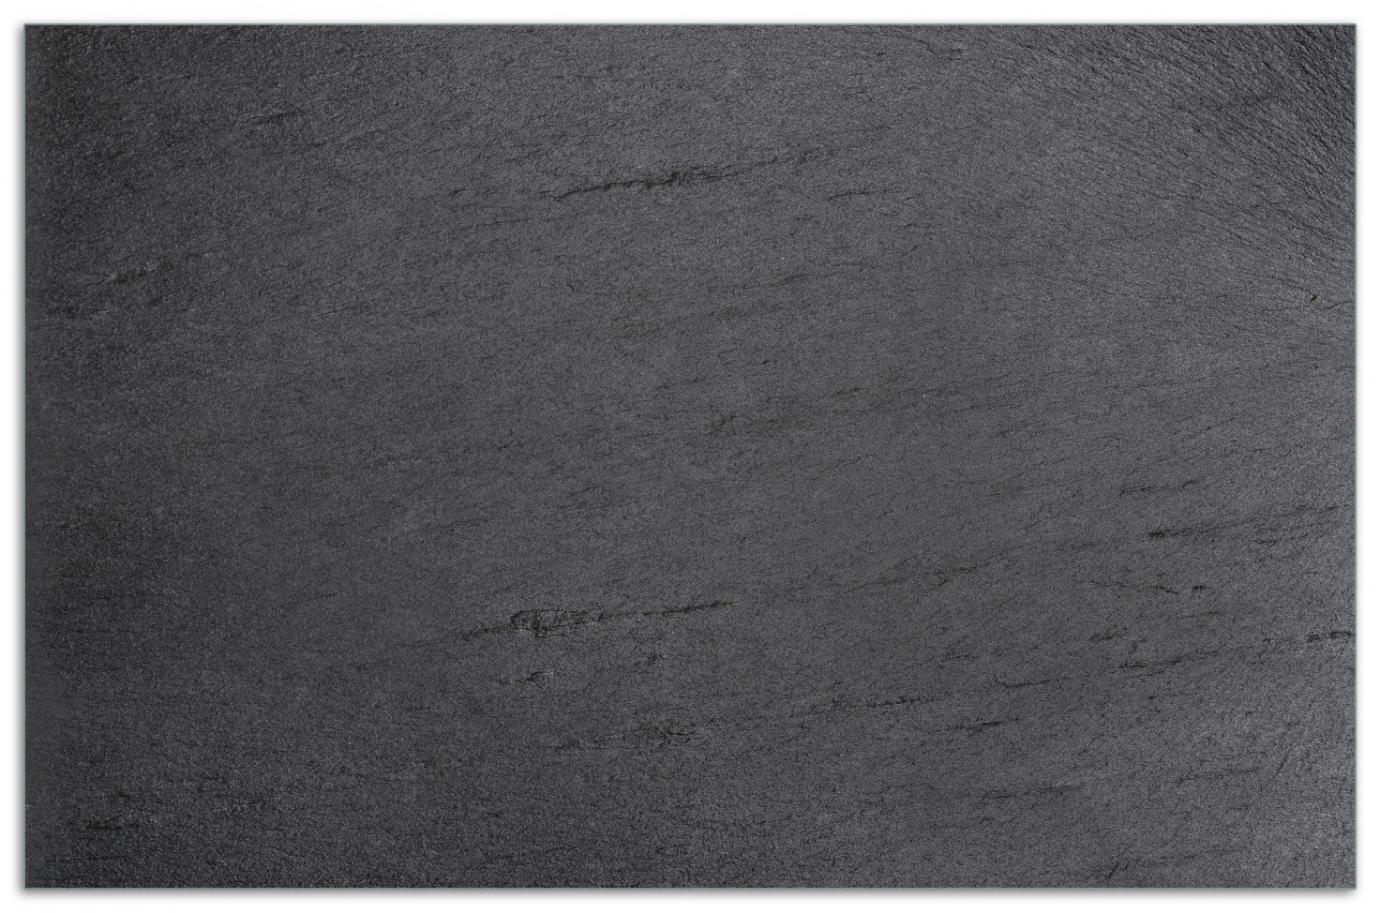 Herdabdeckplatte Schwarze Schiefertafel Optik – Steintafel – Bild 1